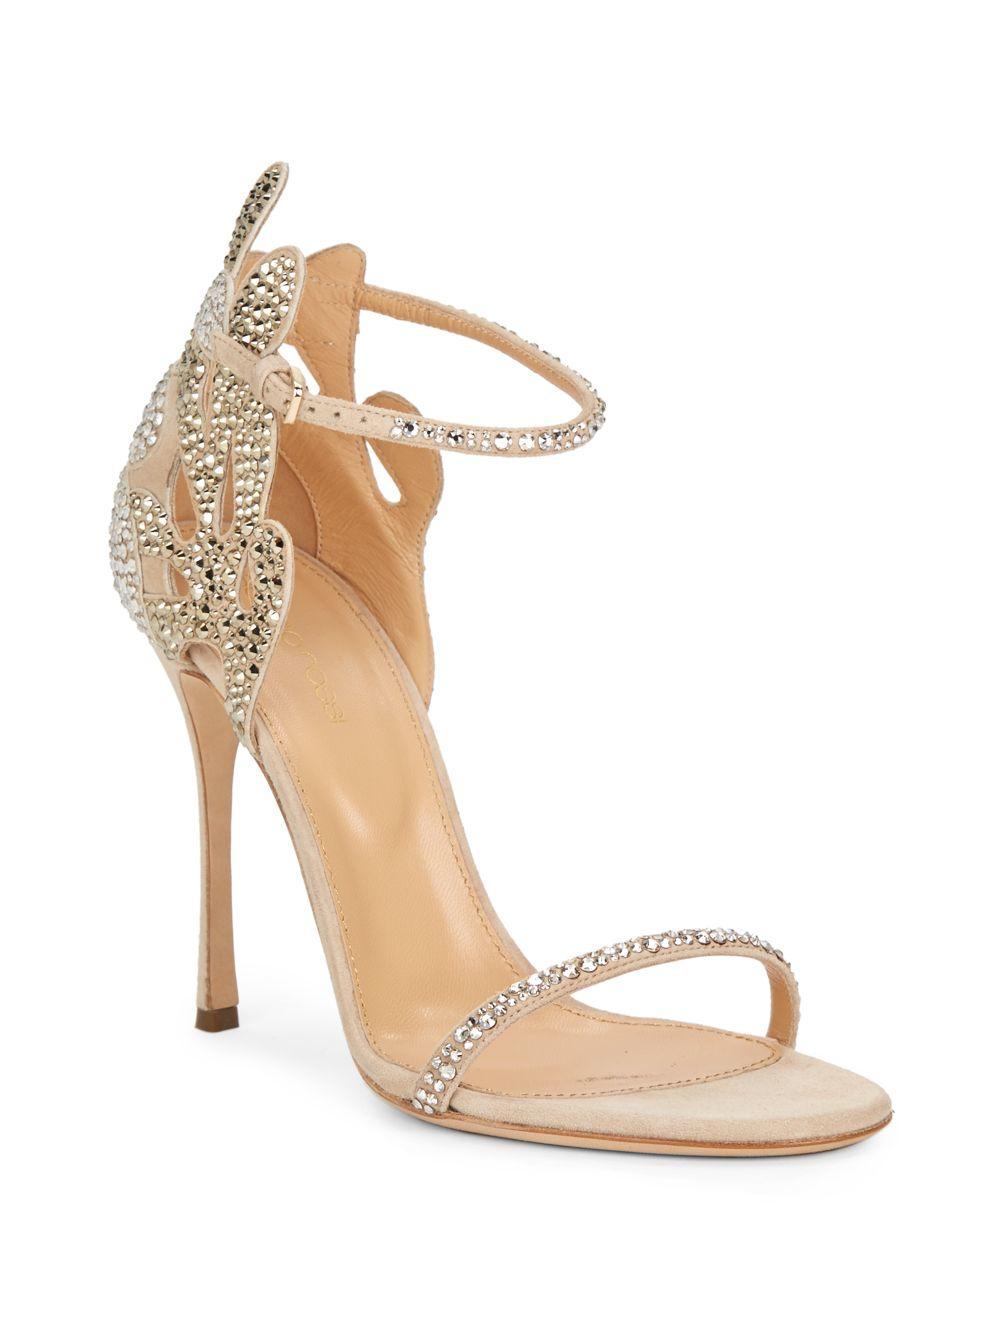 00d48412af99 Lyst - Sergio Rossi Matisse Swarovski Crystal Suede Sandals in Natural